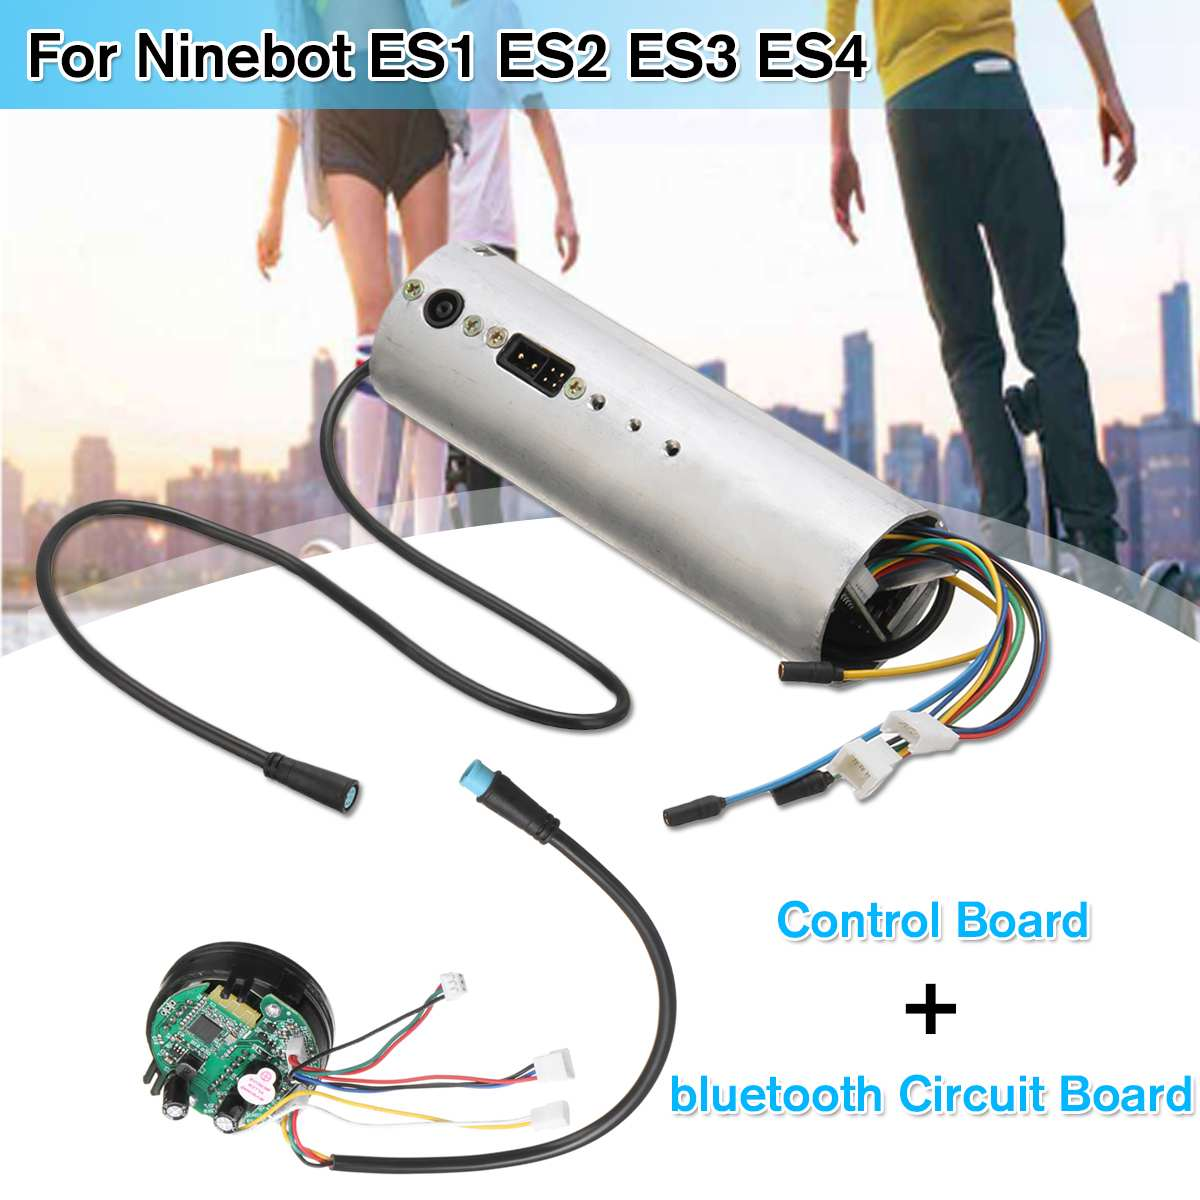 Contrôleur de carte mère de carte mère bluetooth de carte de commande de Scooter électrique pour Ninebot ES1 ES2 ES3 ES4 pièces de rechange